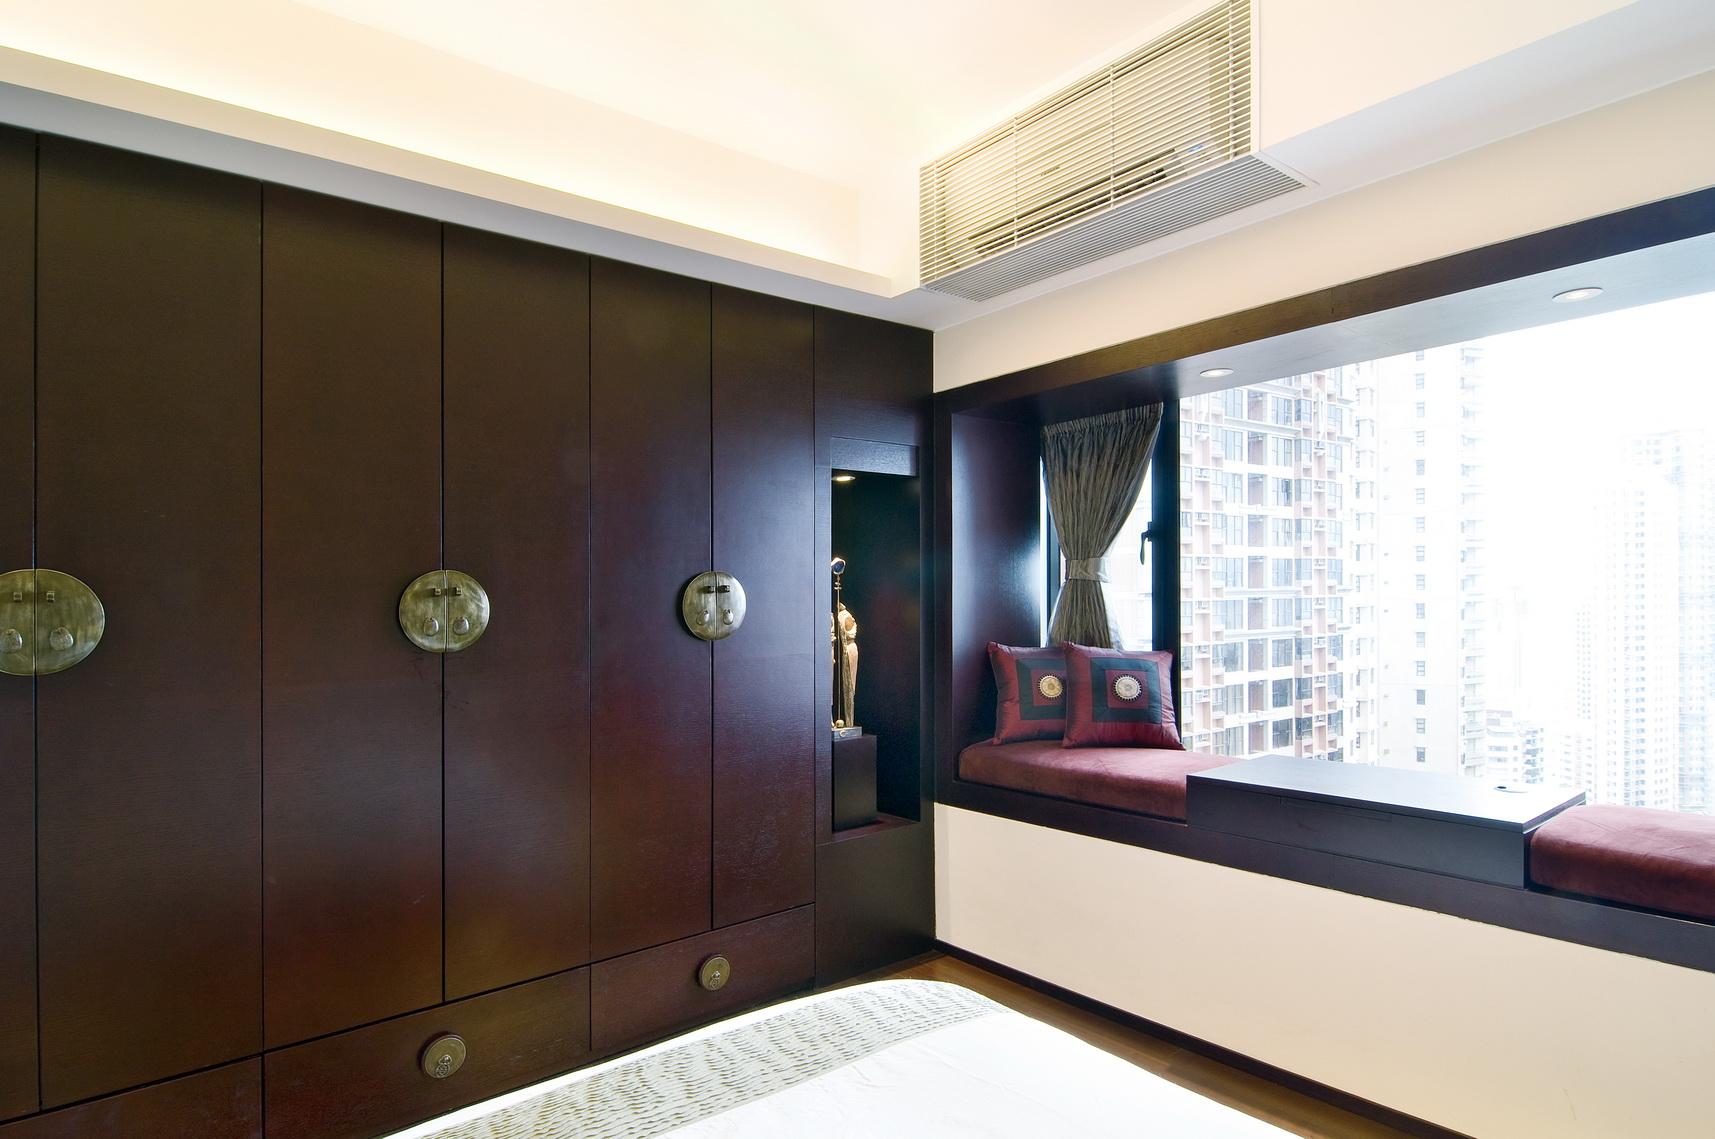 卧室整个的柔软舒适之感,其中还搭配上深红色衣柜设计,多了几分浪漫之感。